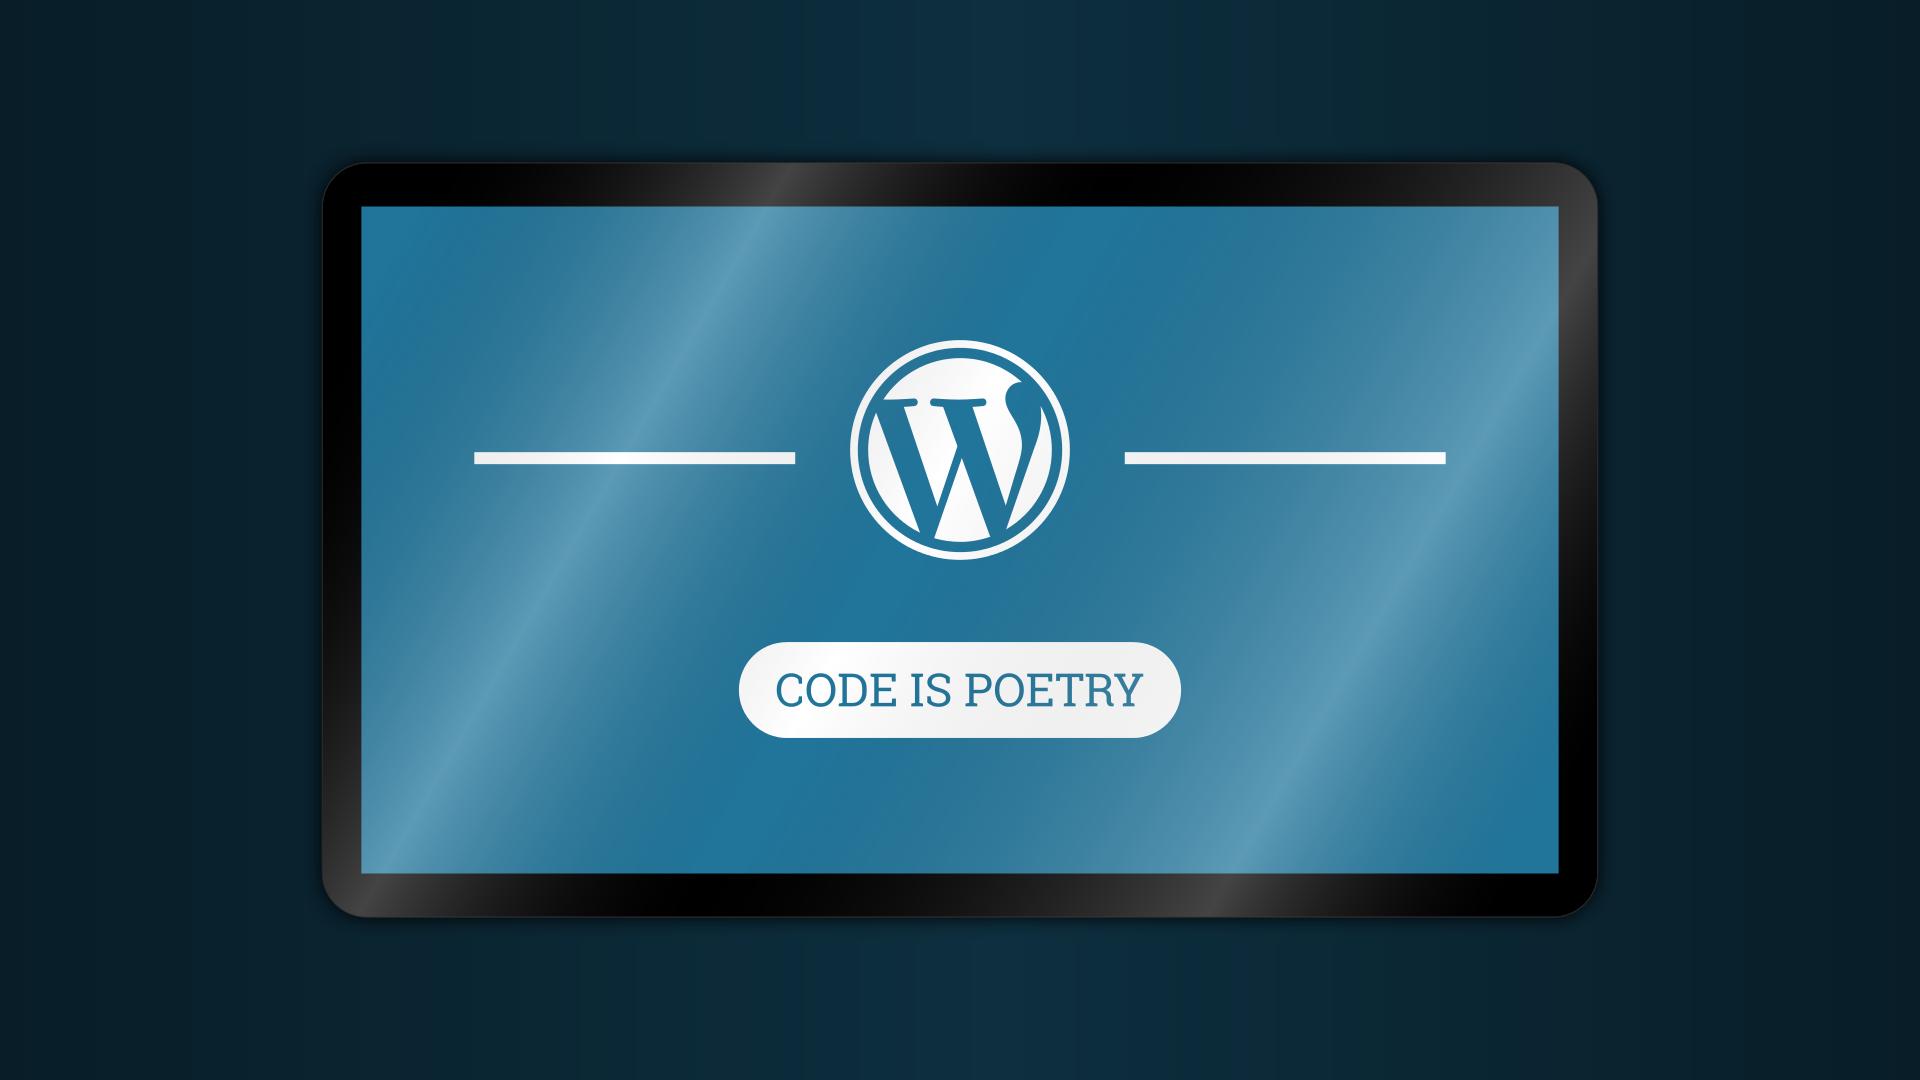 wordpress 1863504 - WordPressとHTMLはどっちが良い?その違いやメリット・デメリットを解説